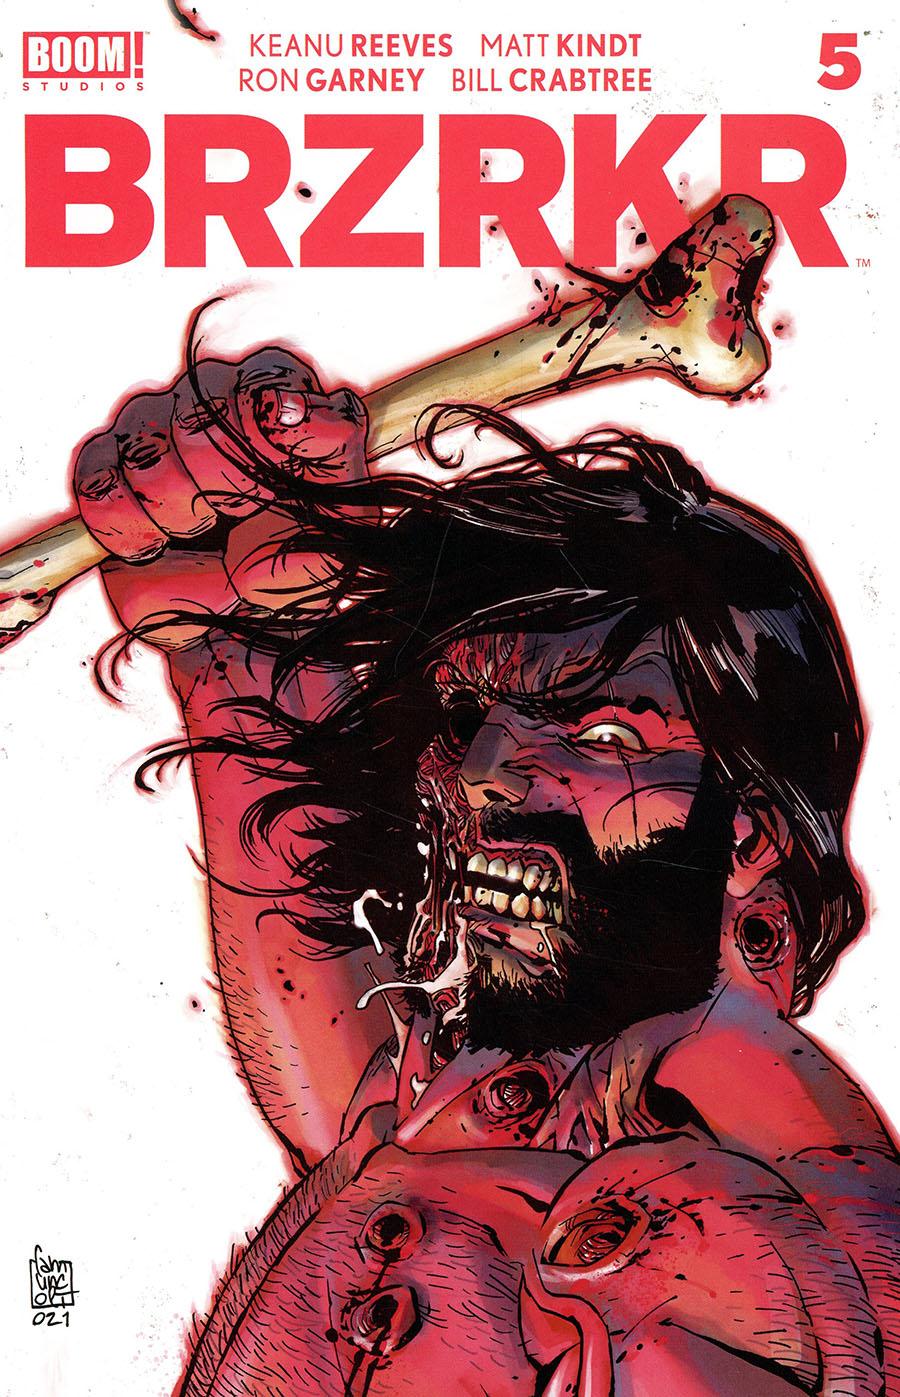 BRZRKR (Berzerker) #5 Cover B Variant Giuseppe Camuncoli Cover